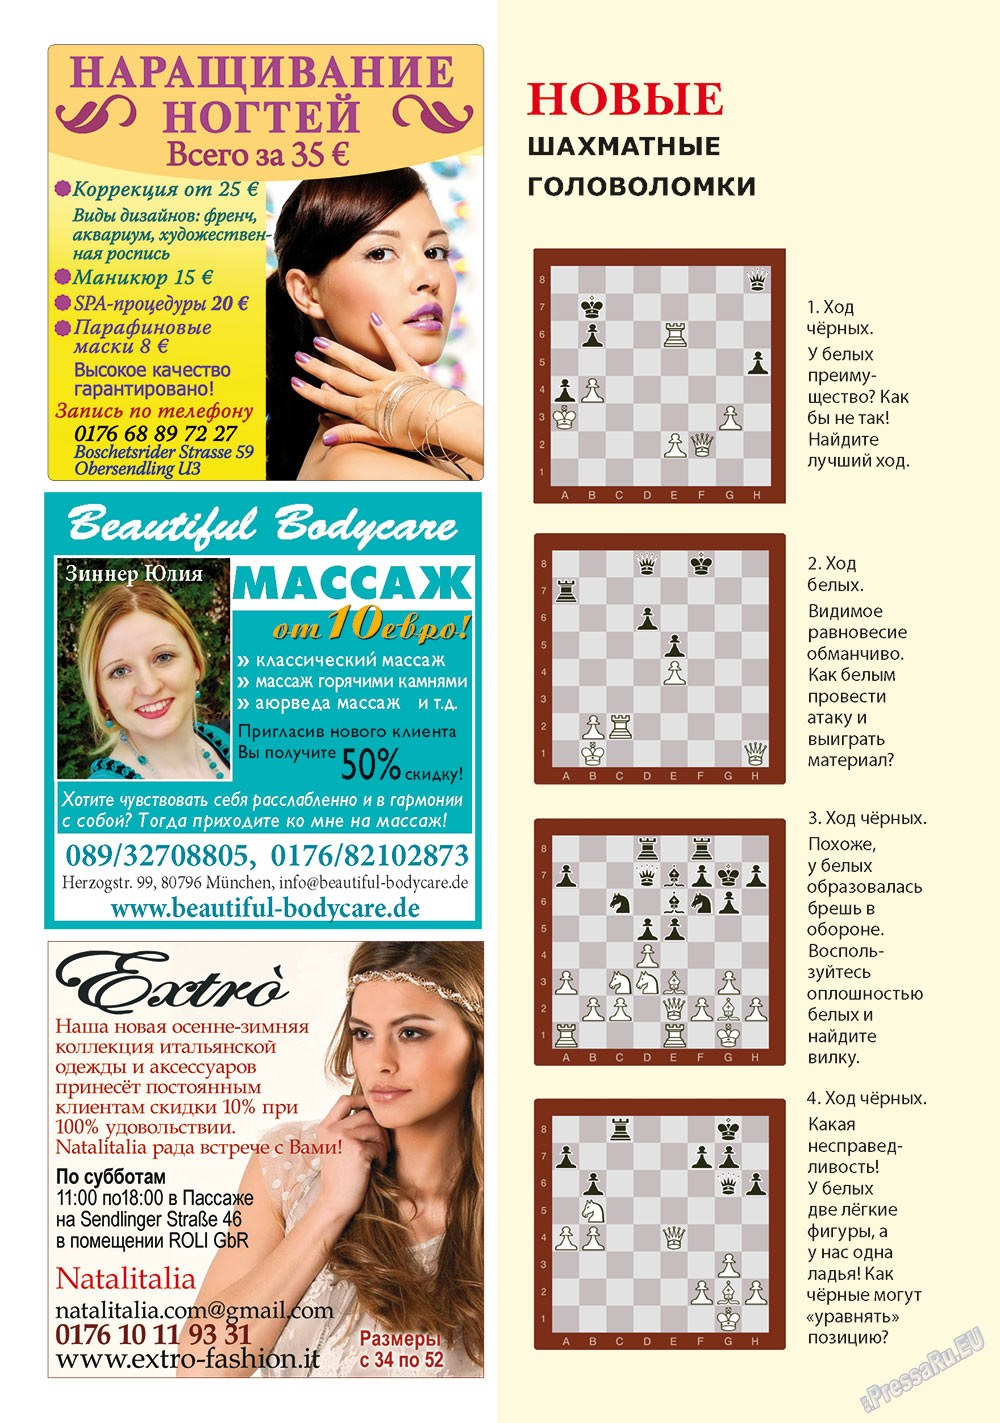 Апельсин (журнал). 2011 год, номер 26, стр. 47